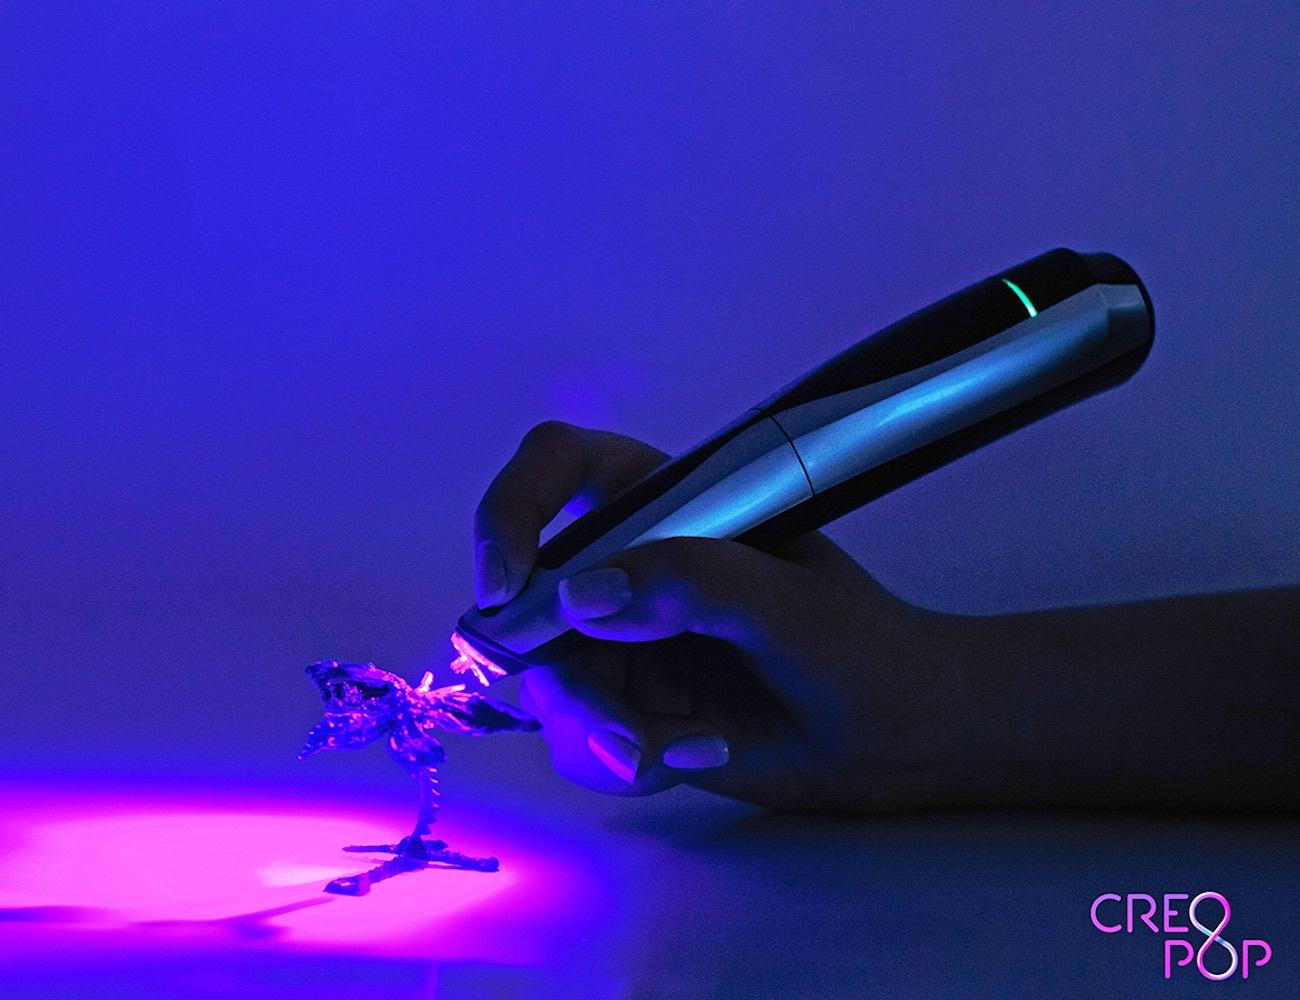 creopop-02-2